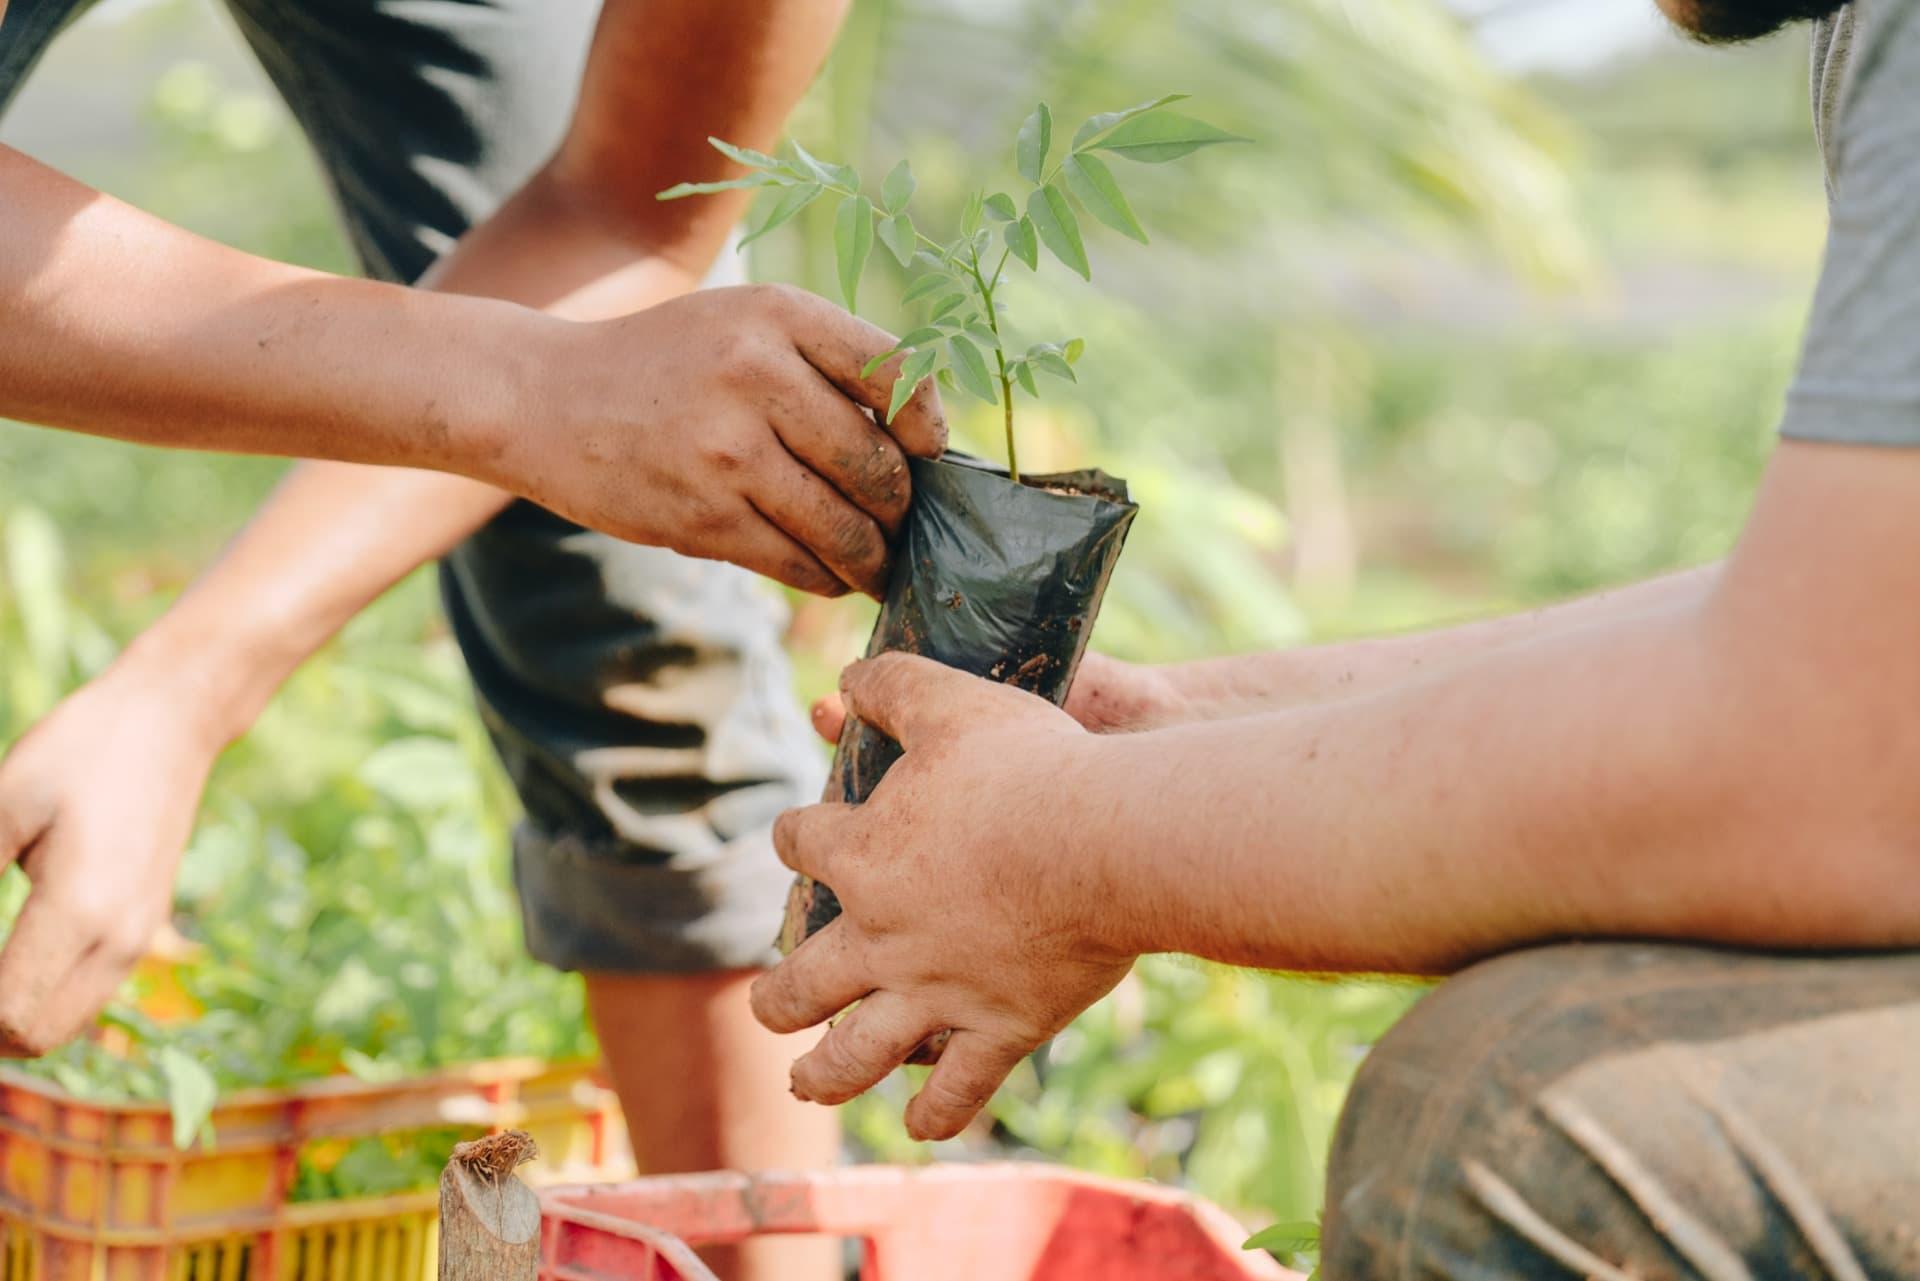 Doniamo ogni albero a comunità contadine